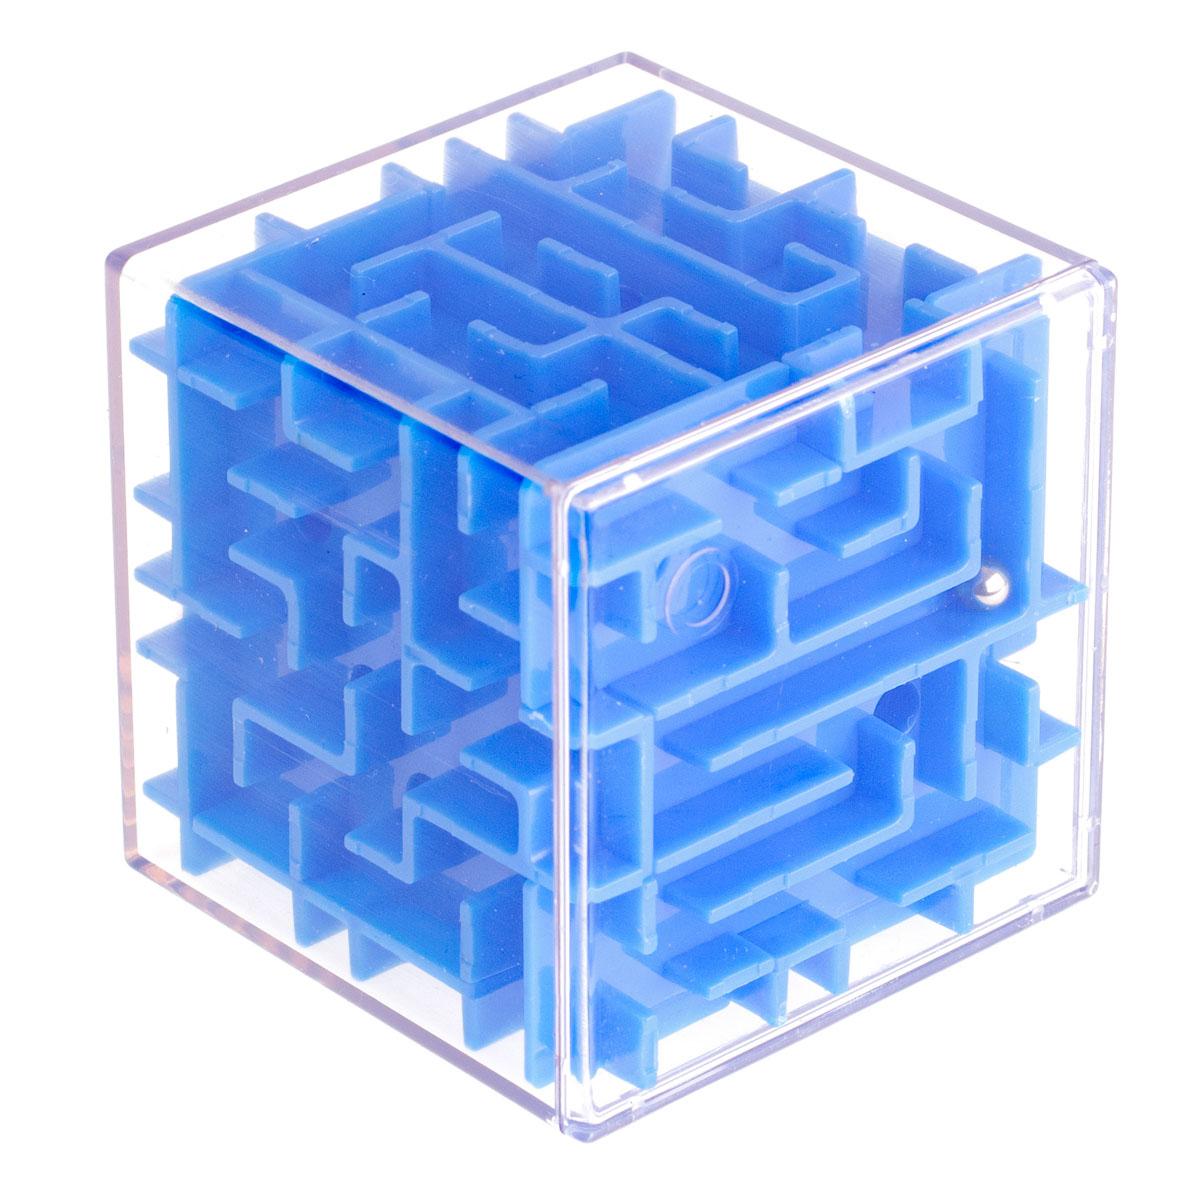 KIK 3D Kocka Labyrint Color, KX6982